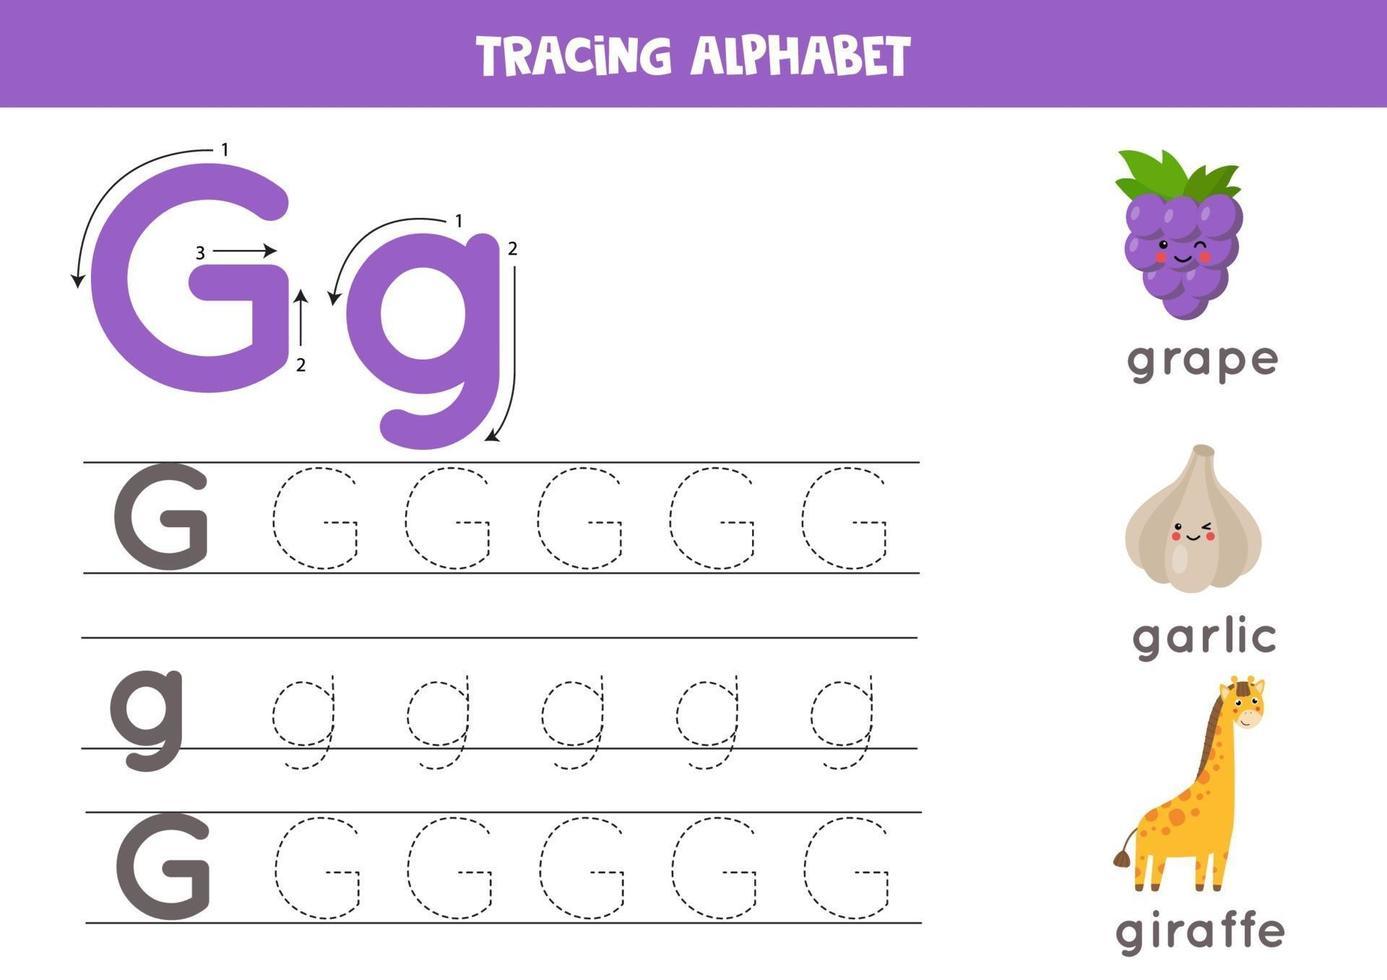 pratica della scrittura a mano con la lettera dell'alfabeto. tracciamento g. vettore